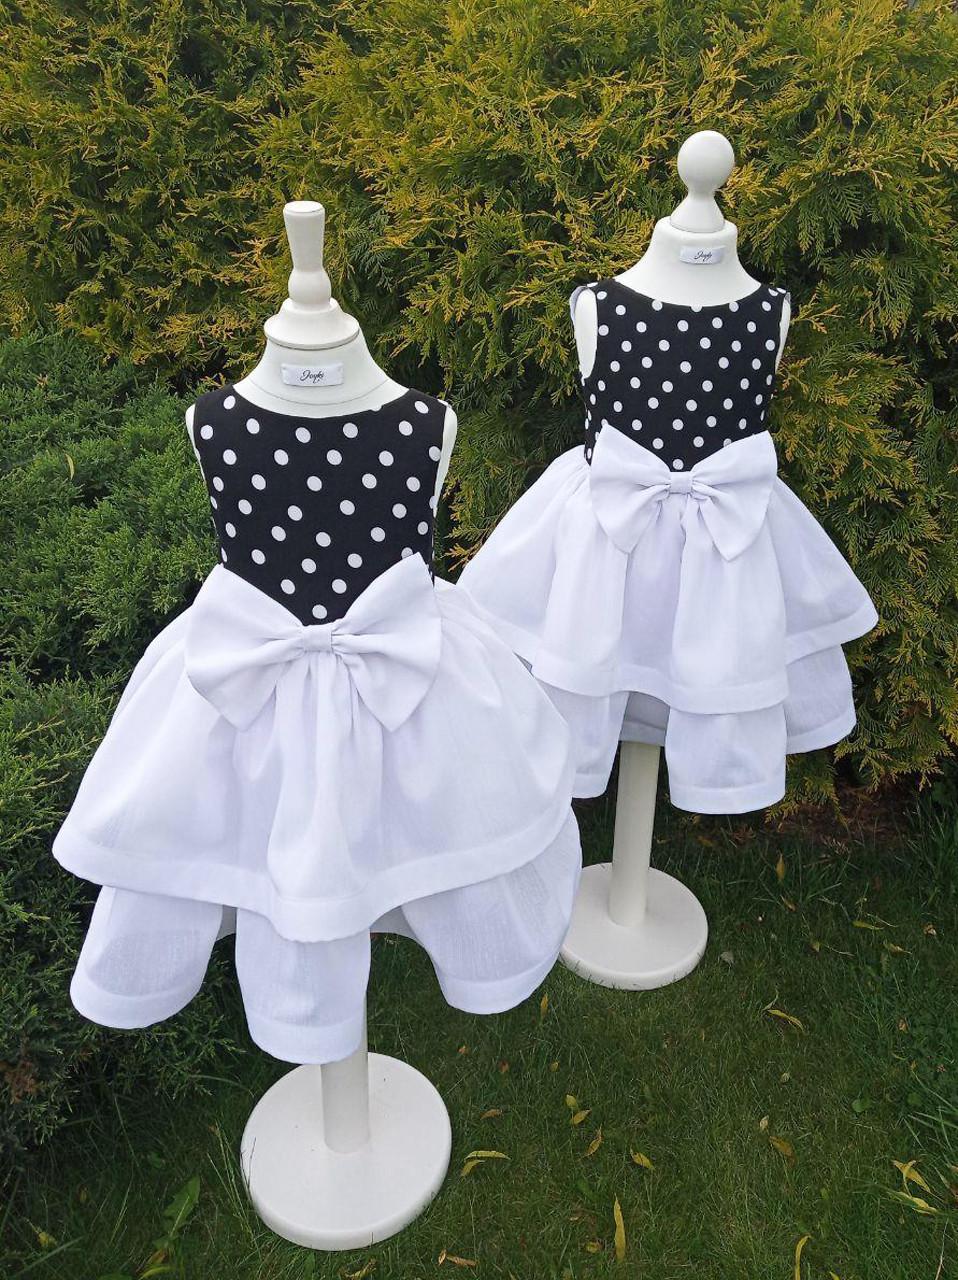 Р 110/116, детское нарядное платье в горошек